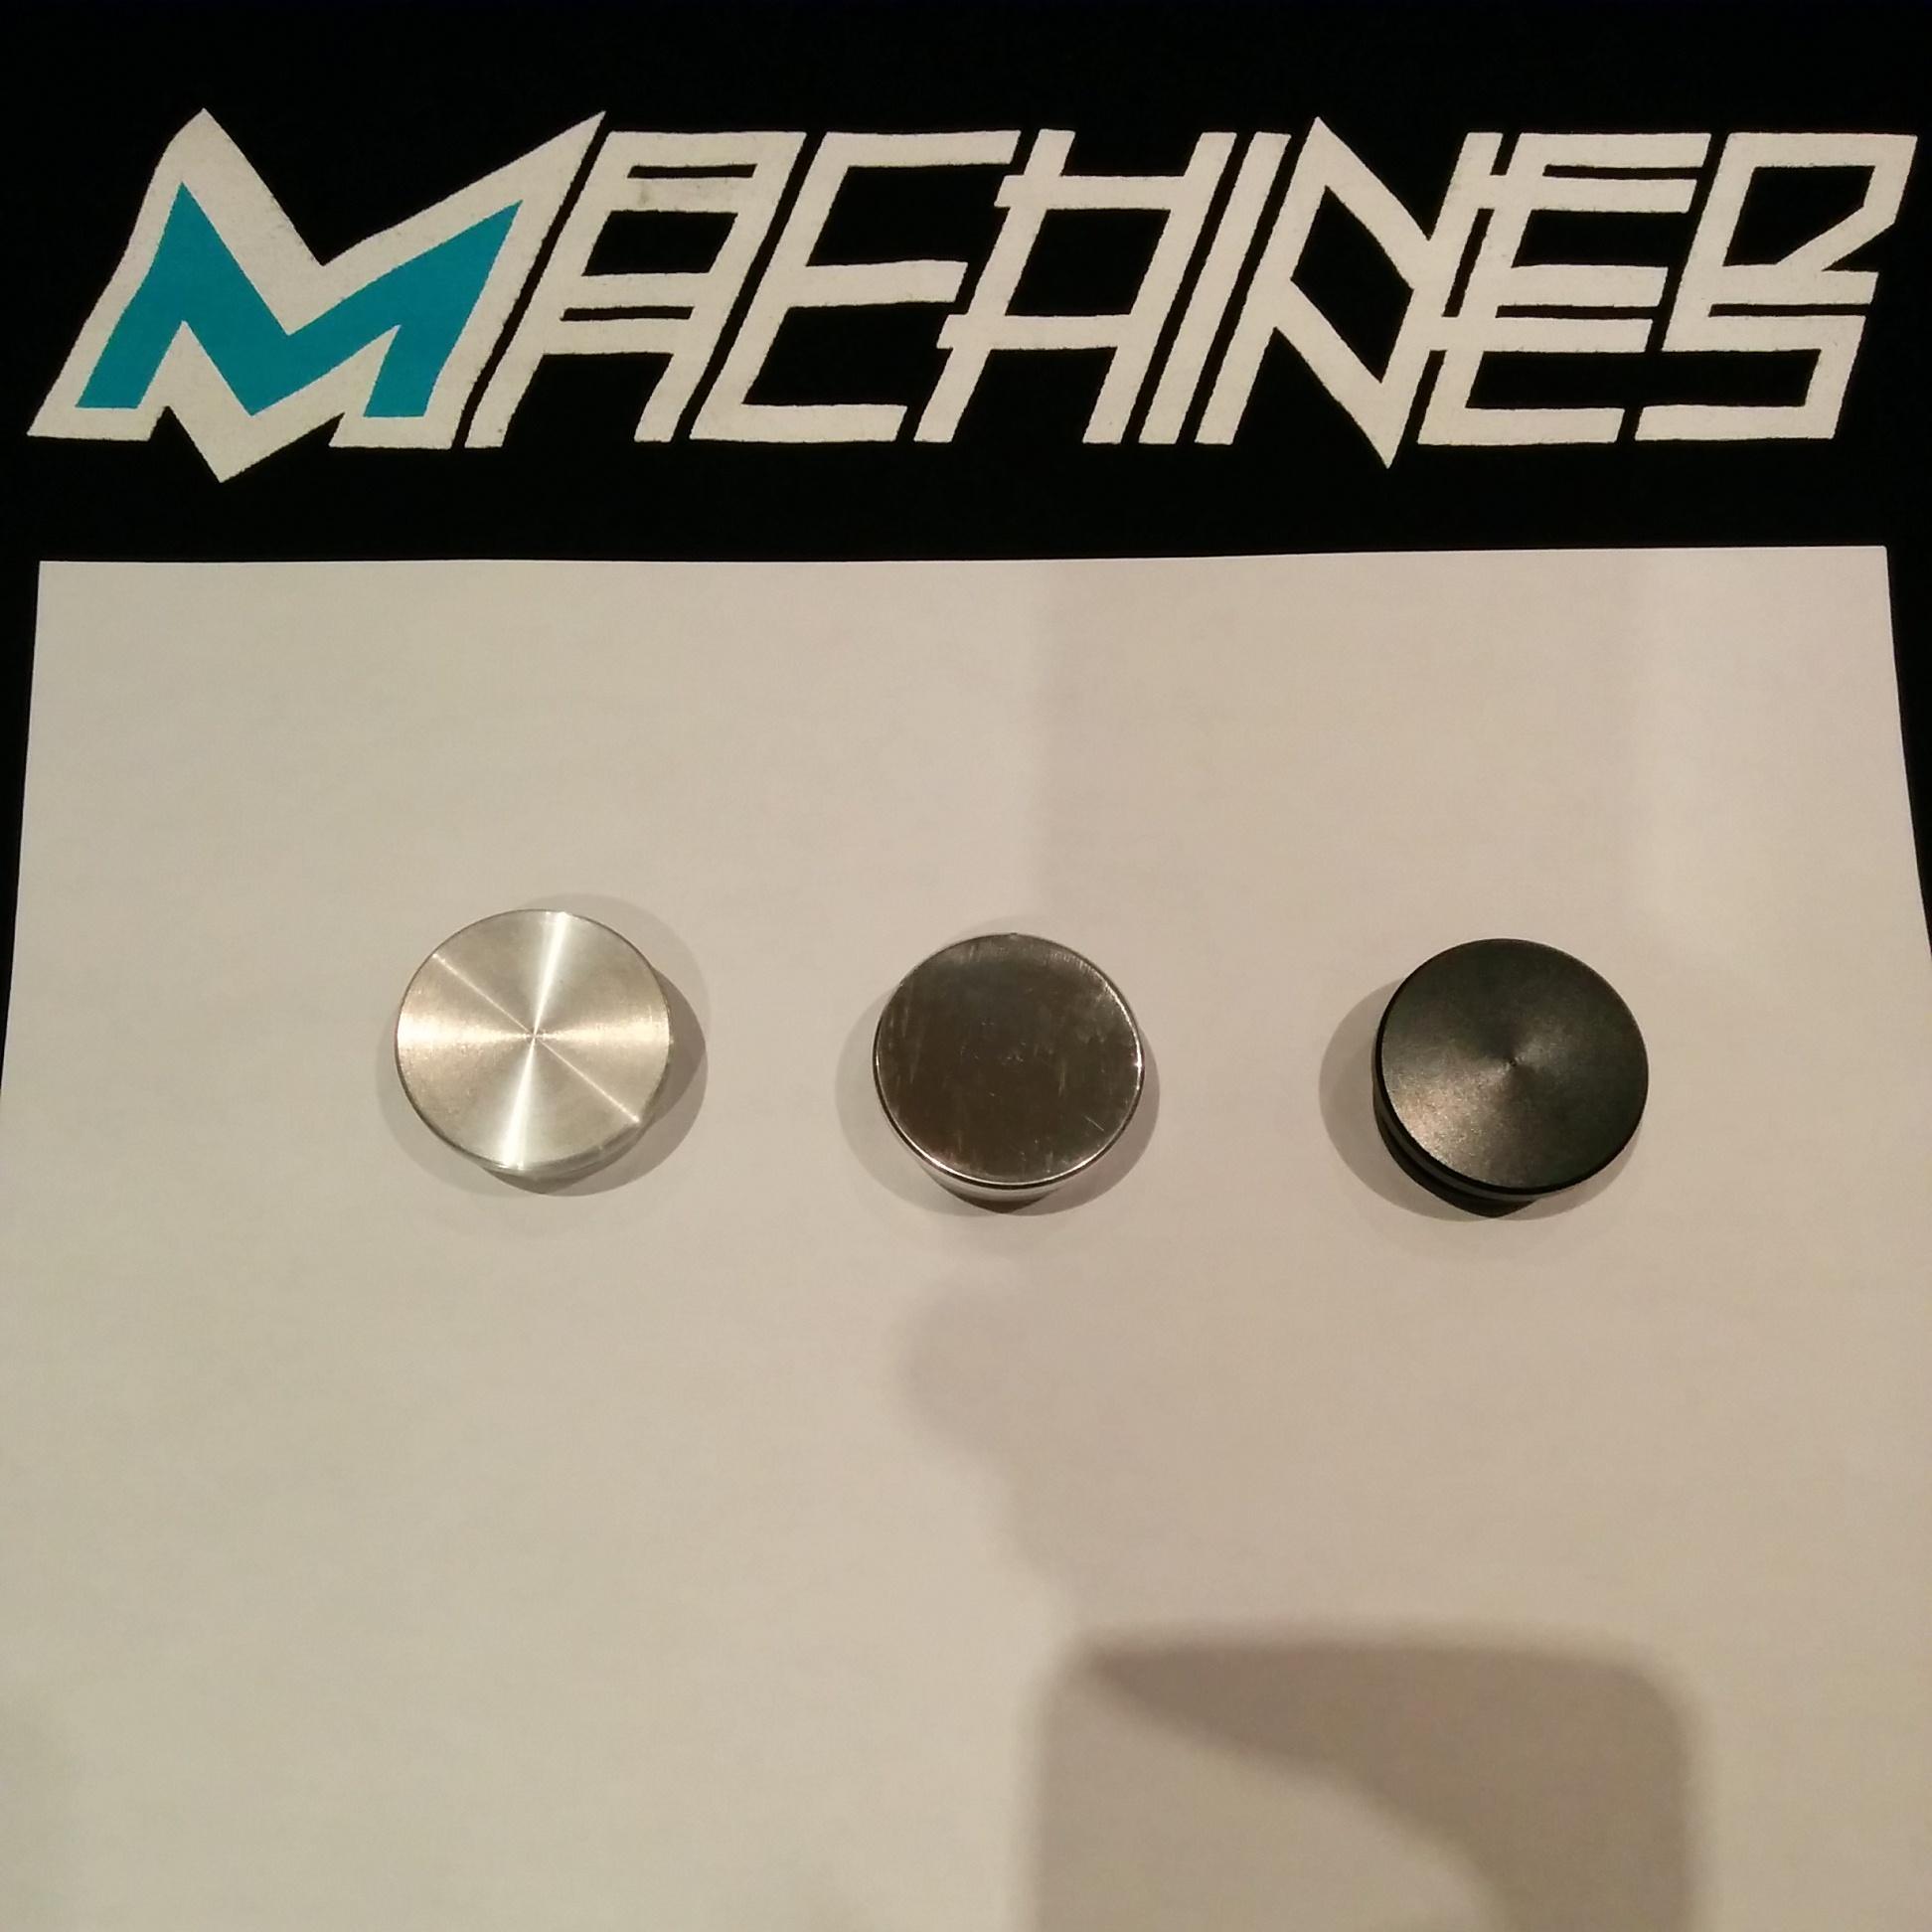 Frame Caps - Ruckus v.1 - Machined MachinesMachined Machines